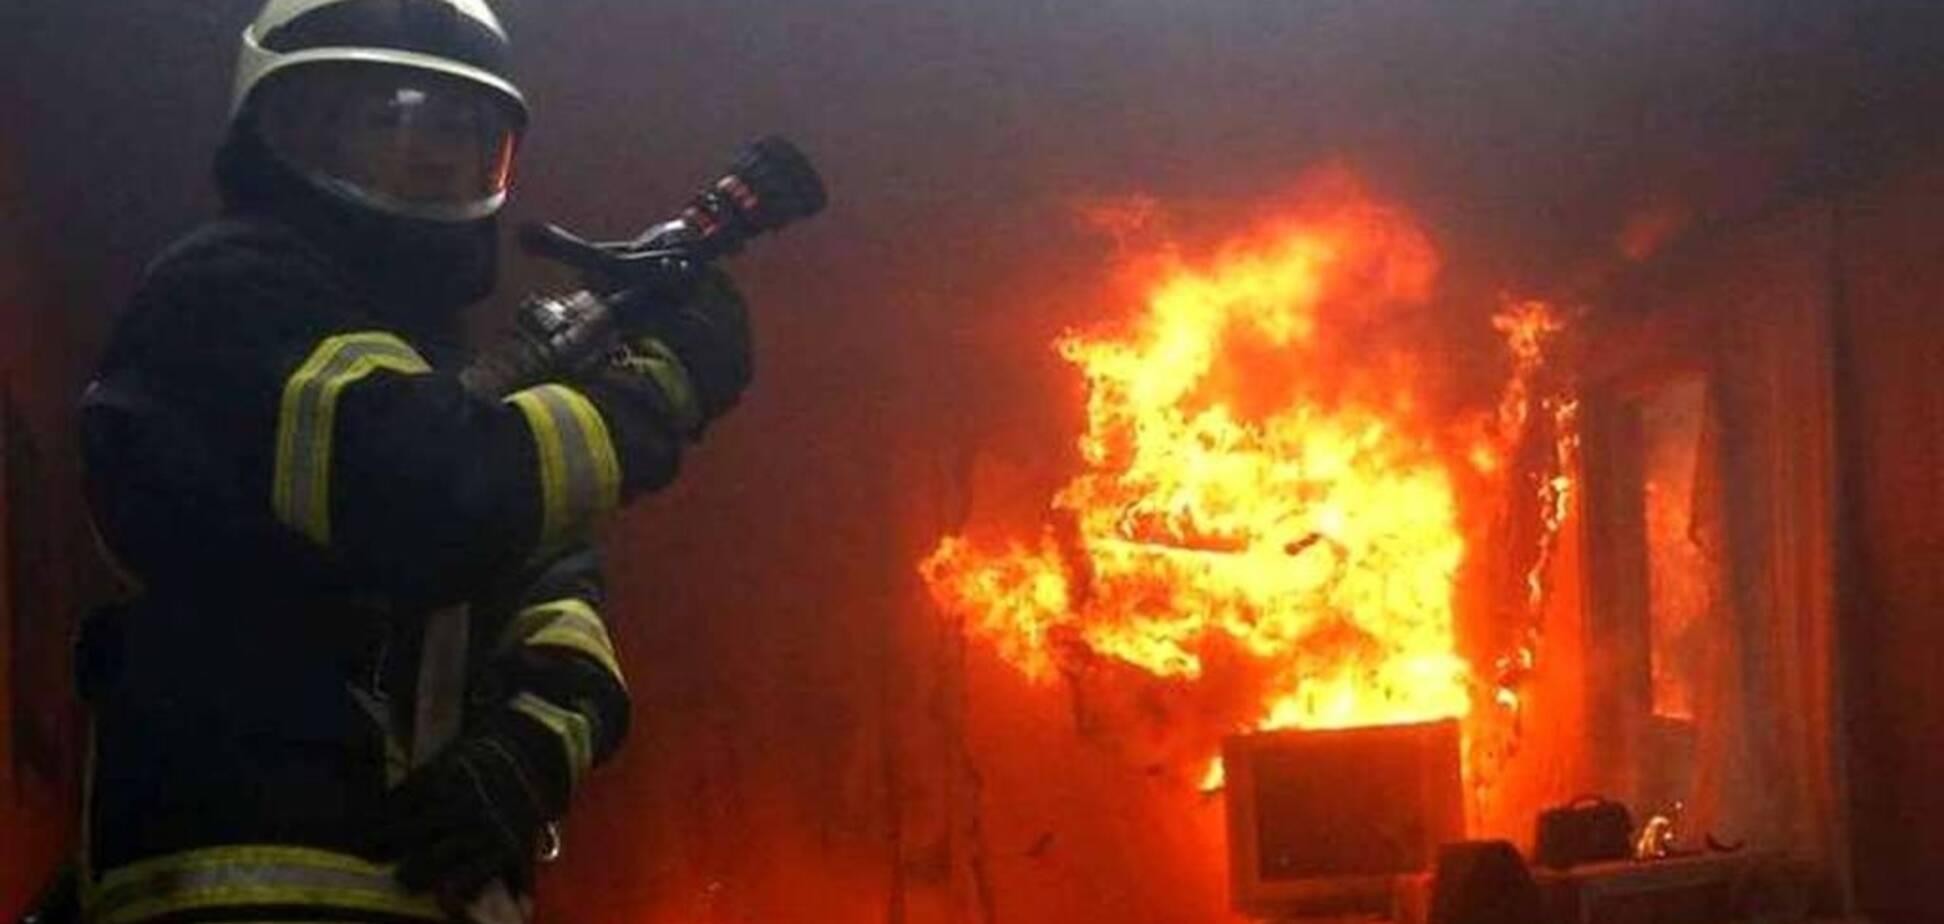 В Кривом Роге пожарные вынесли из горящего дома мужчину. Фото с места ЧП